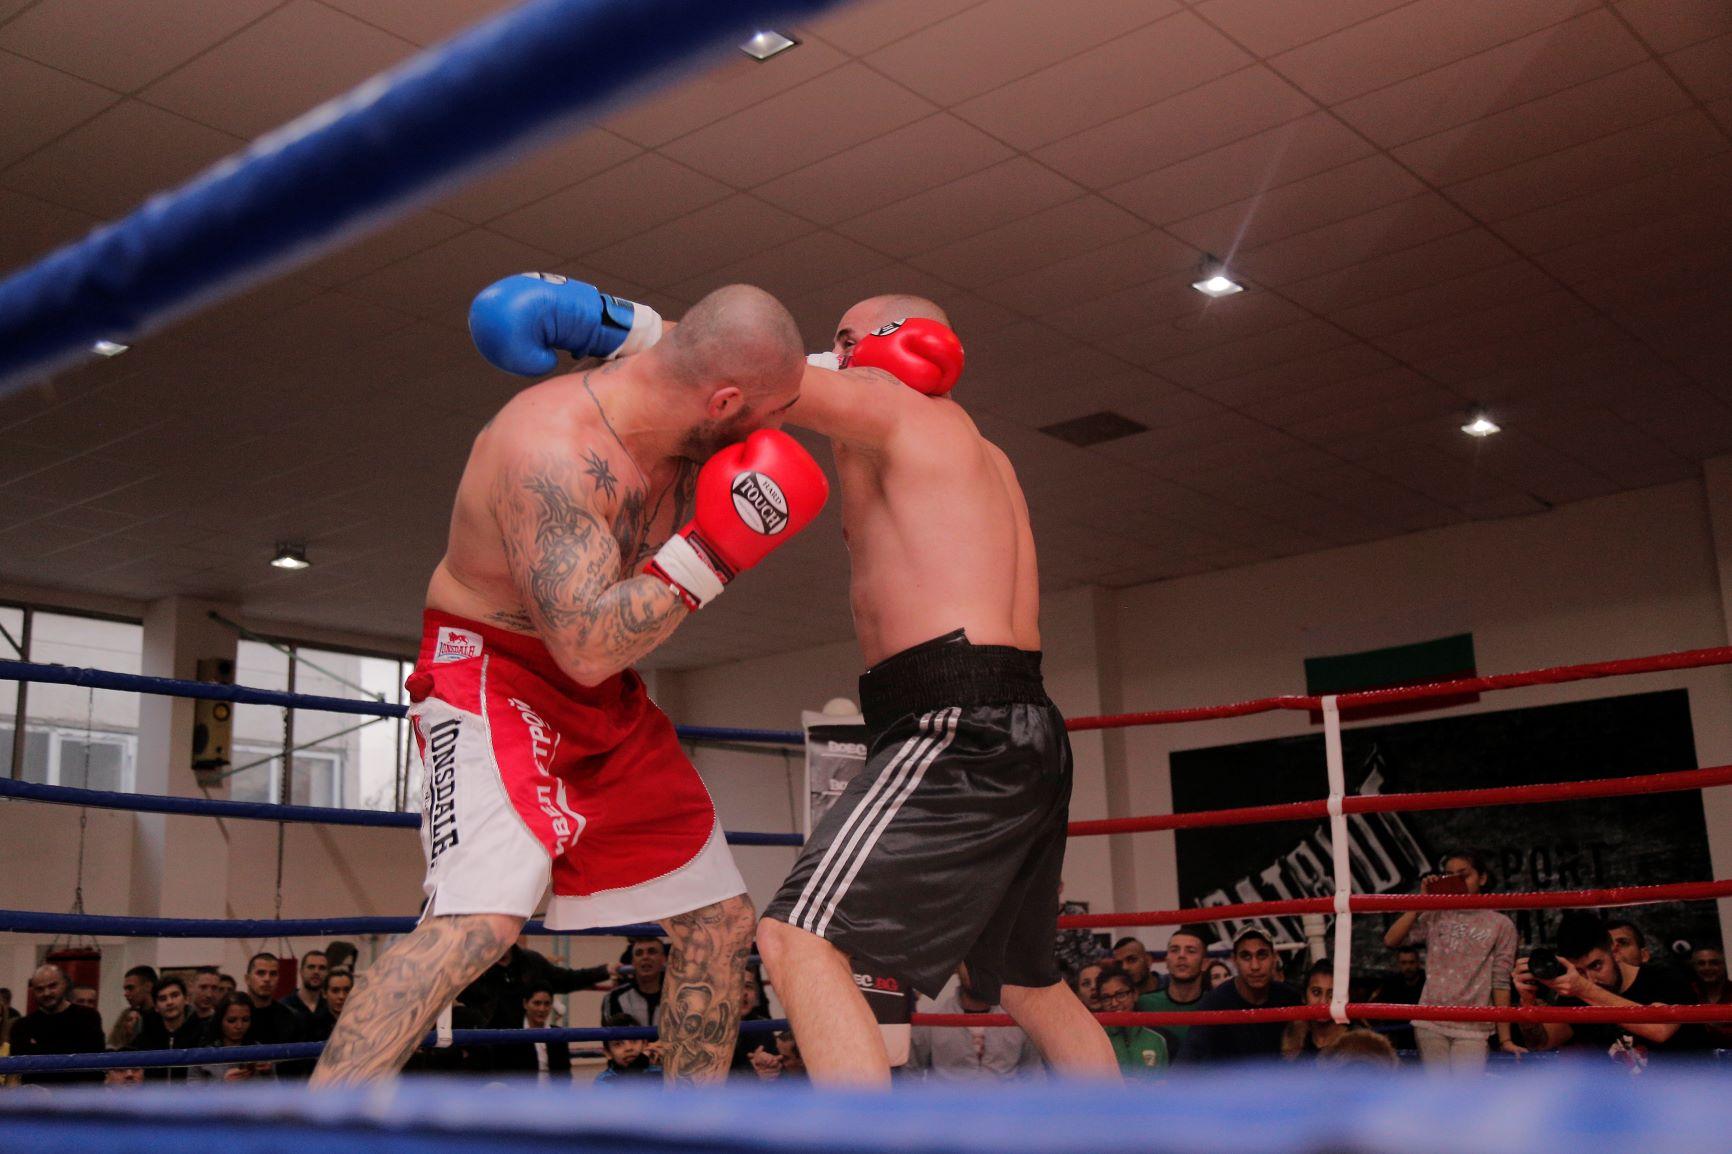 Втората серия от Професионални боксови вечери ни очаква днес